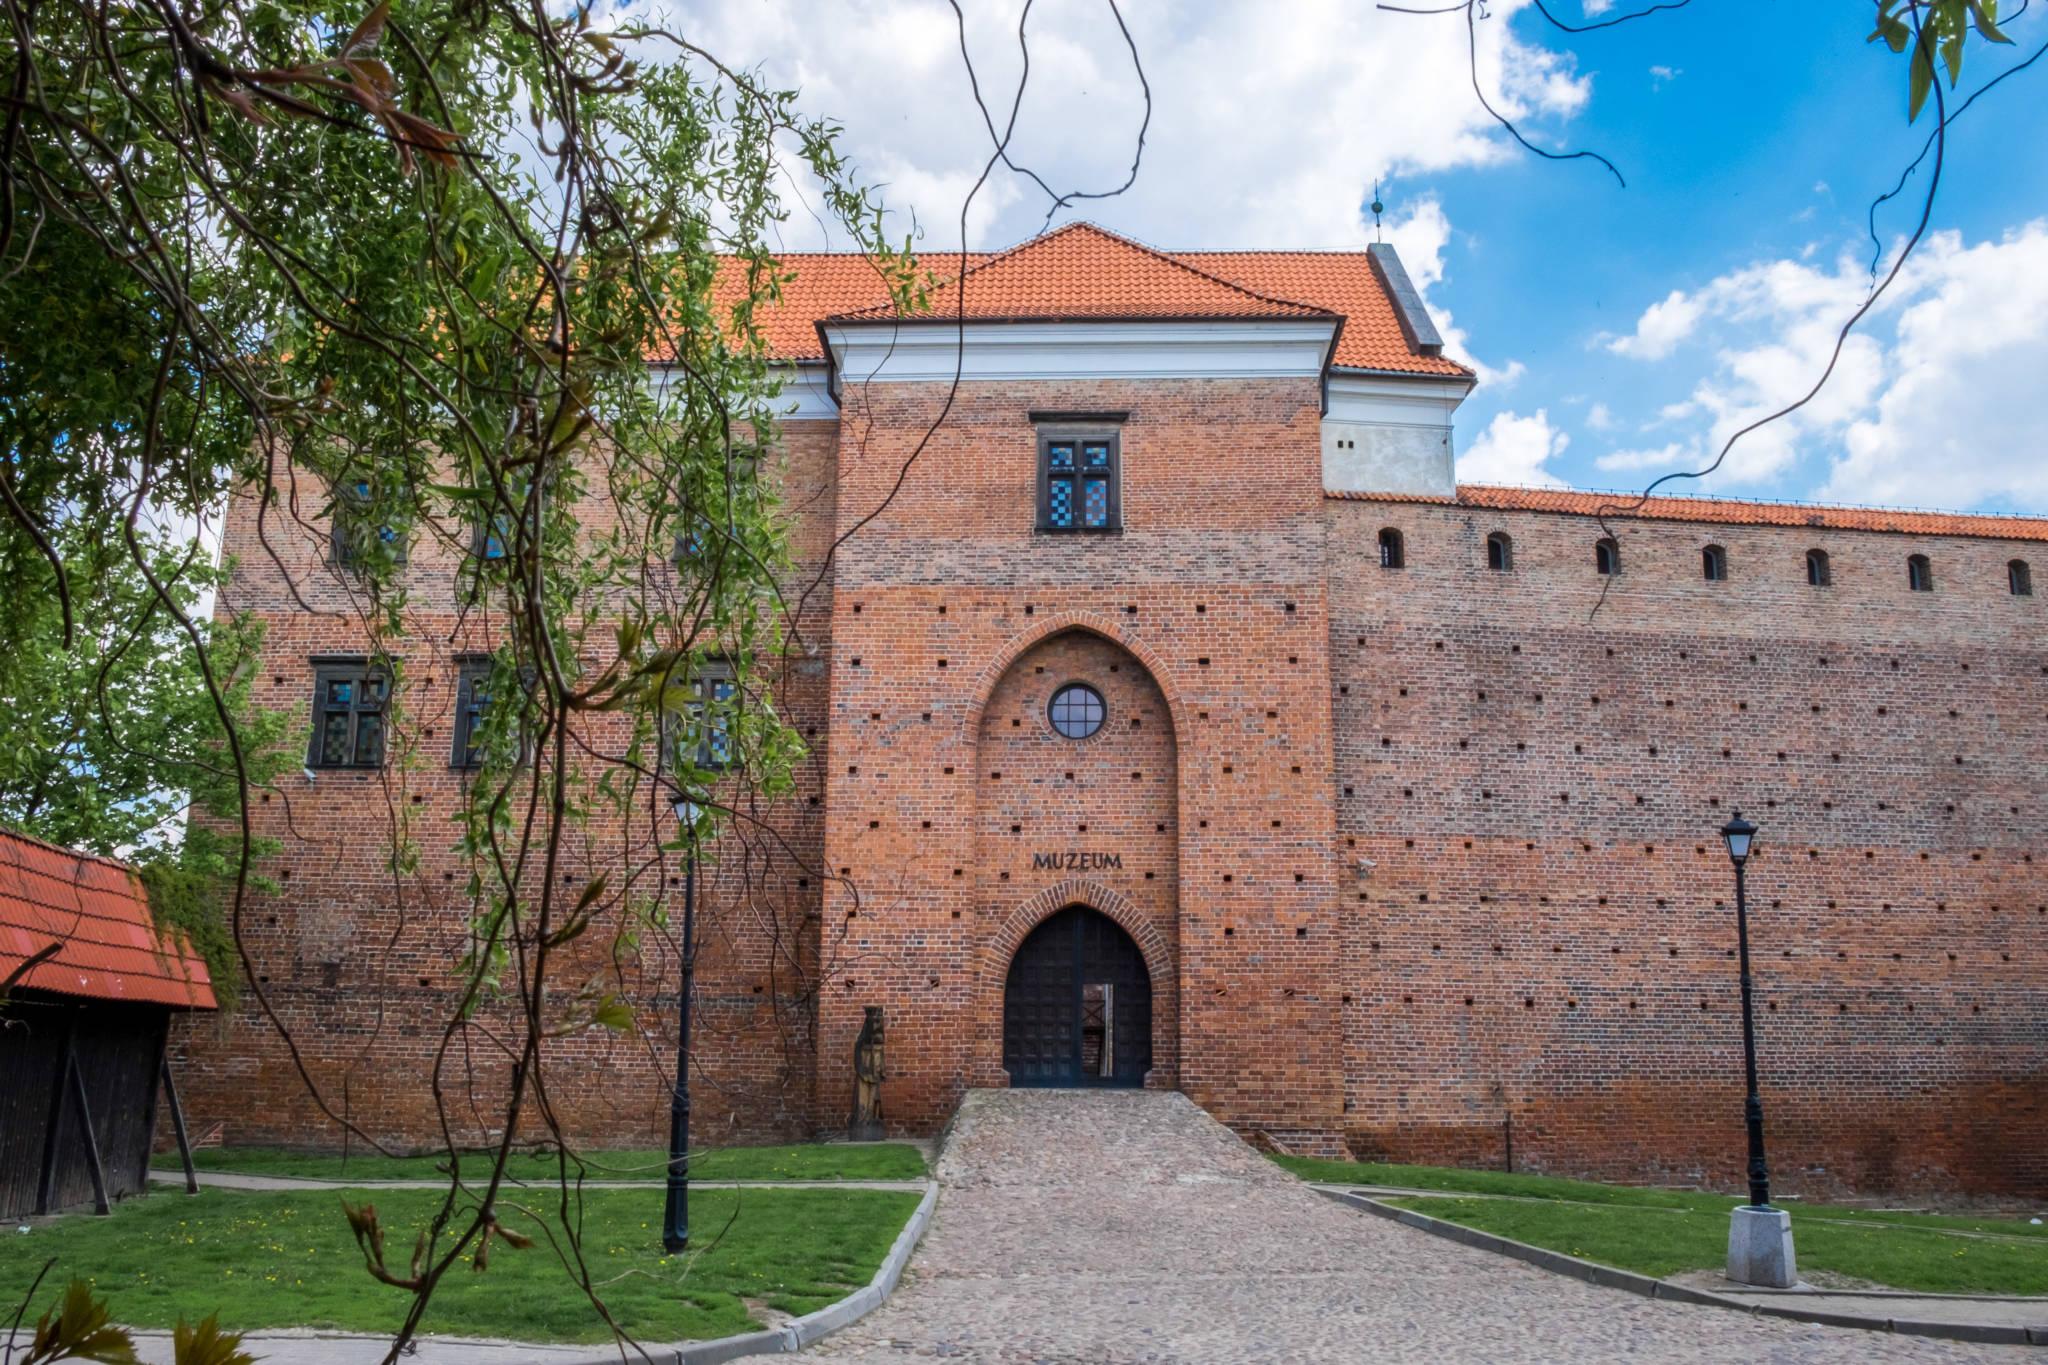 Zamek w Łeczycy (3 of 13)